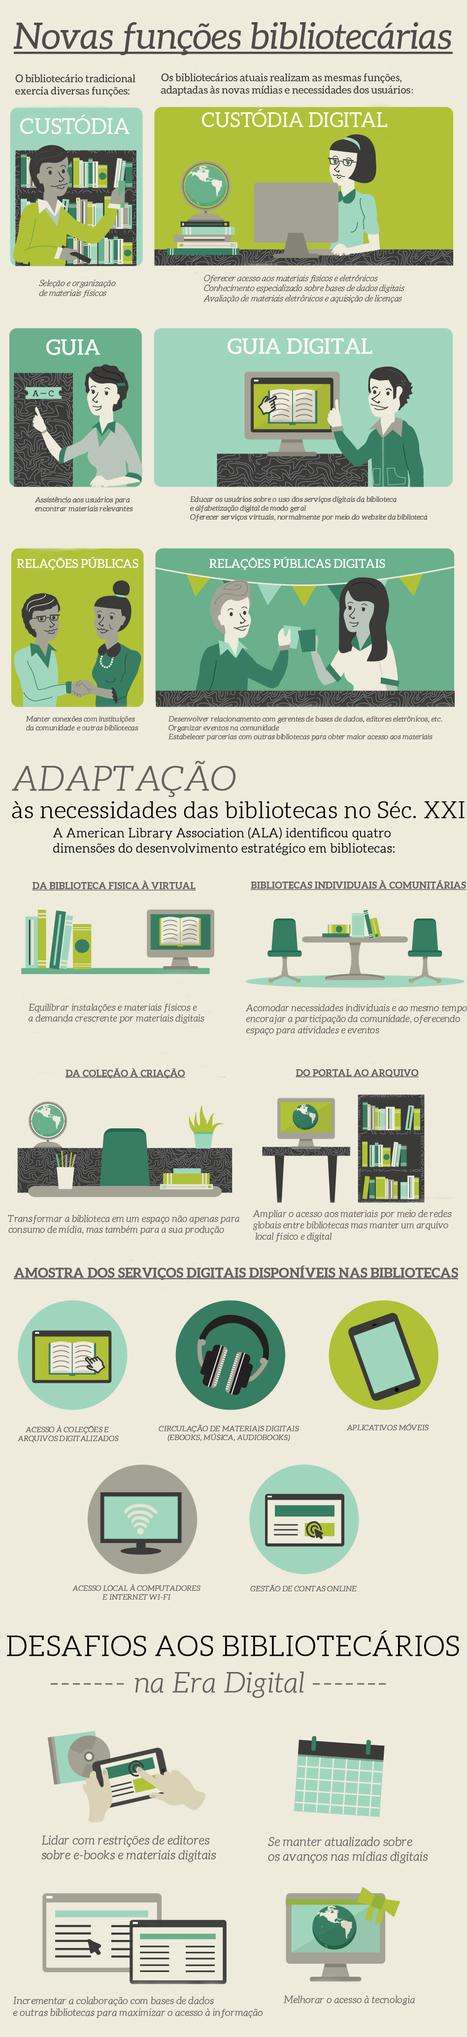 As novas funções dos bibliotecários na era digital   Bibliotecas Escolares & boas companhias...   Scoop.it